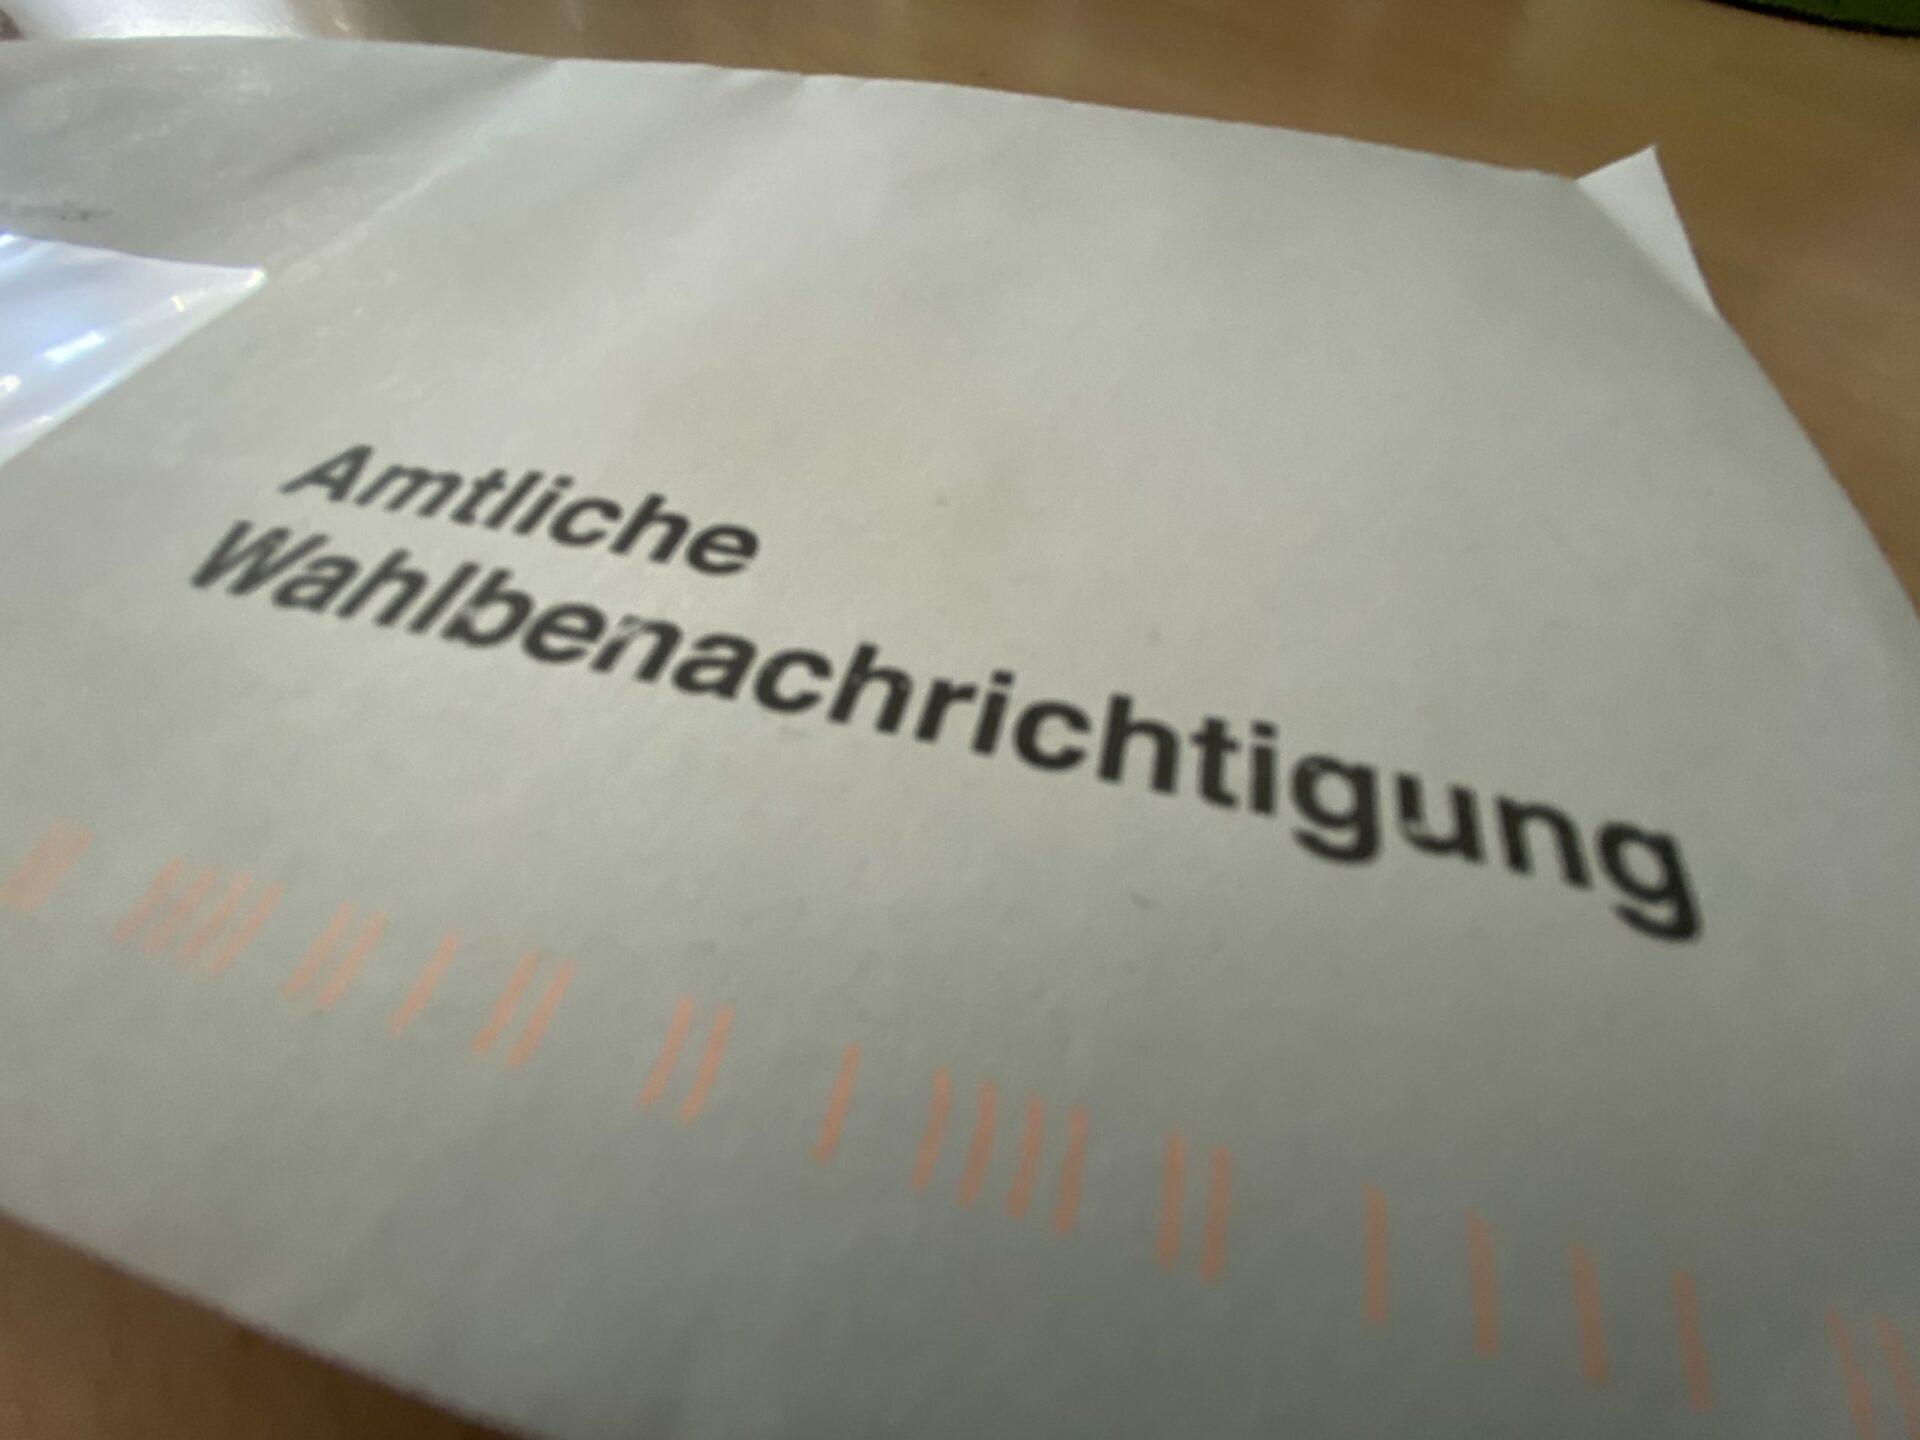 Zehn Bundestagskandidaten für Wahl zugelassen